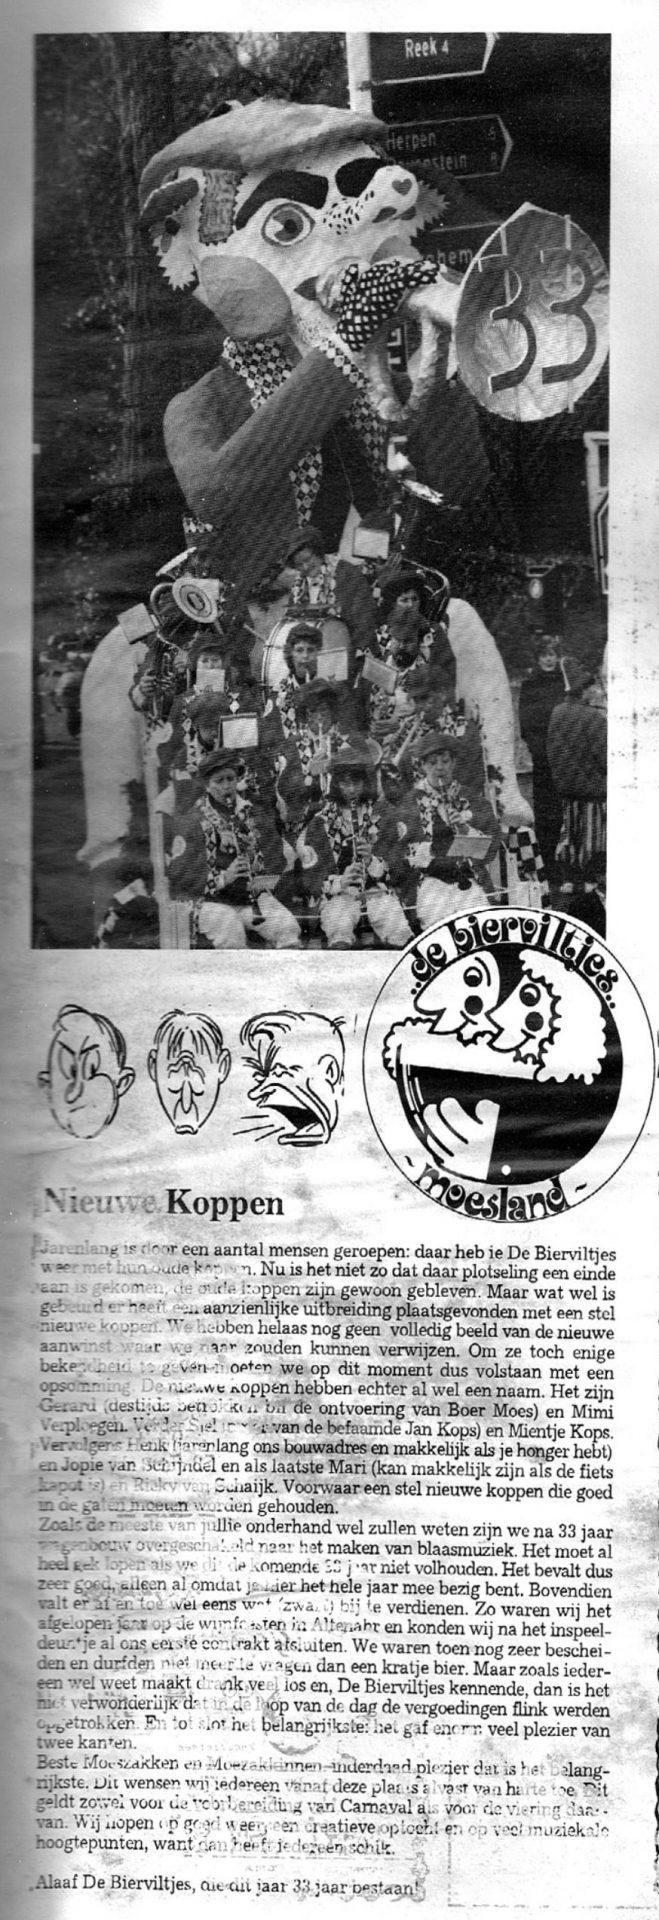 Stuk uit de carnavalskrant van de Bierviltjes - 1993